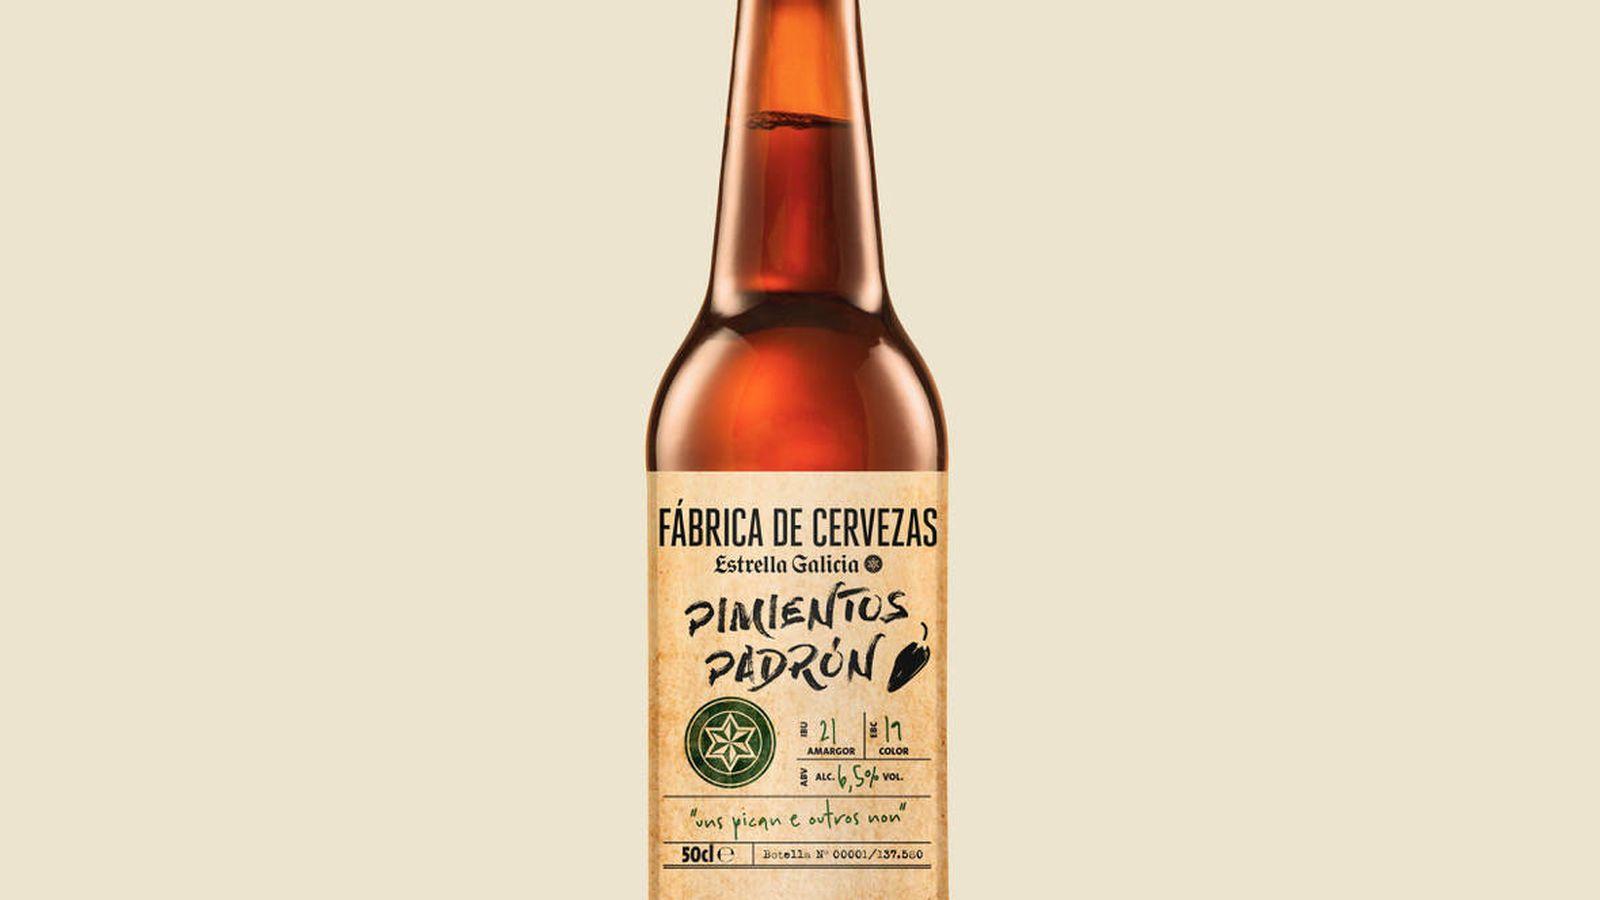 Foto: Una botella de 50cl. de Fábrica de Cervezas Estrella Galicia de Pimientos de Padrón. (E.G.)